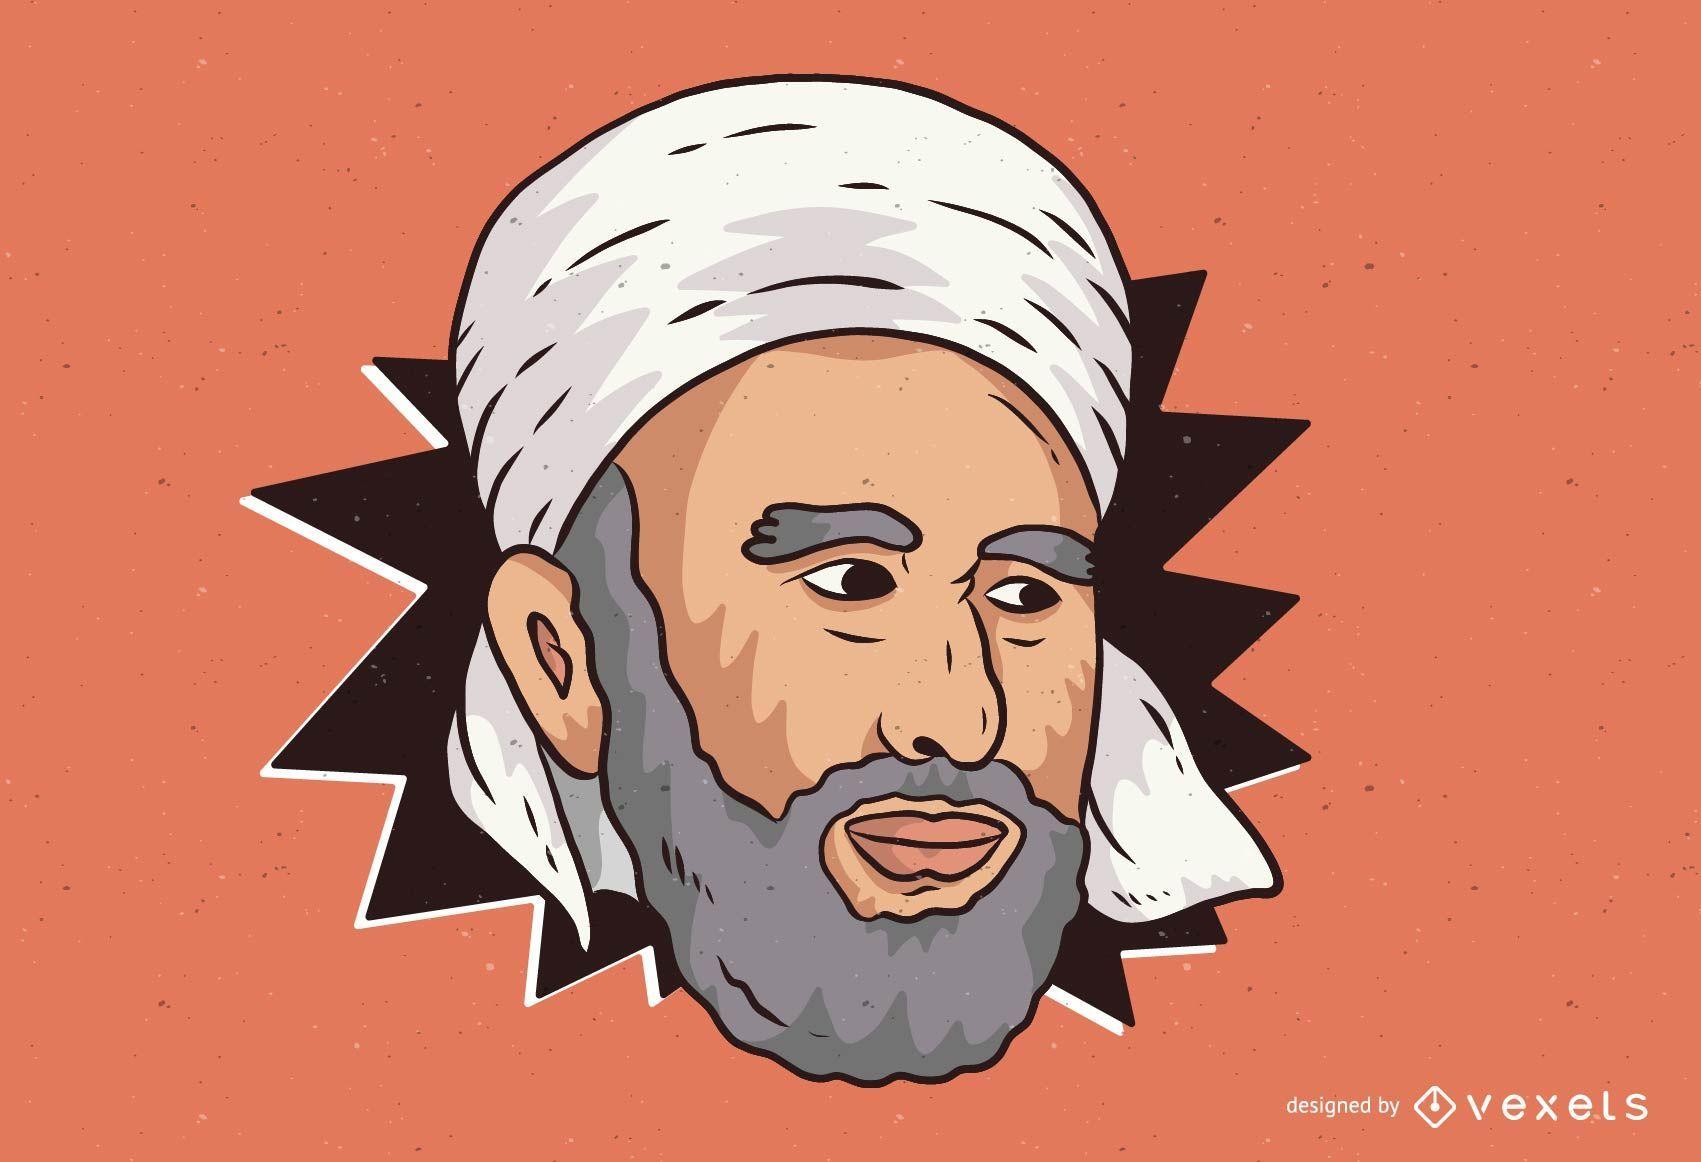 Middle Eastern Man Illustration